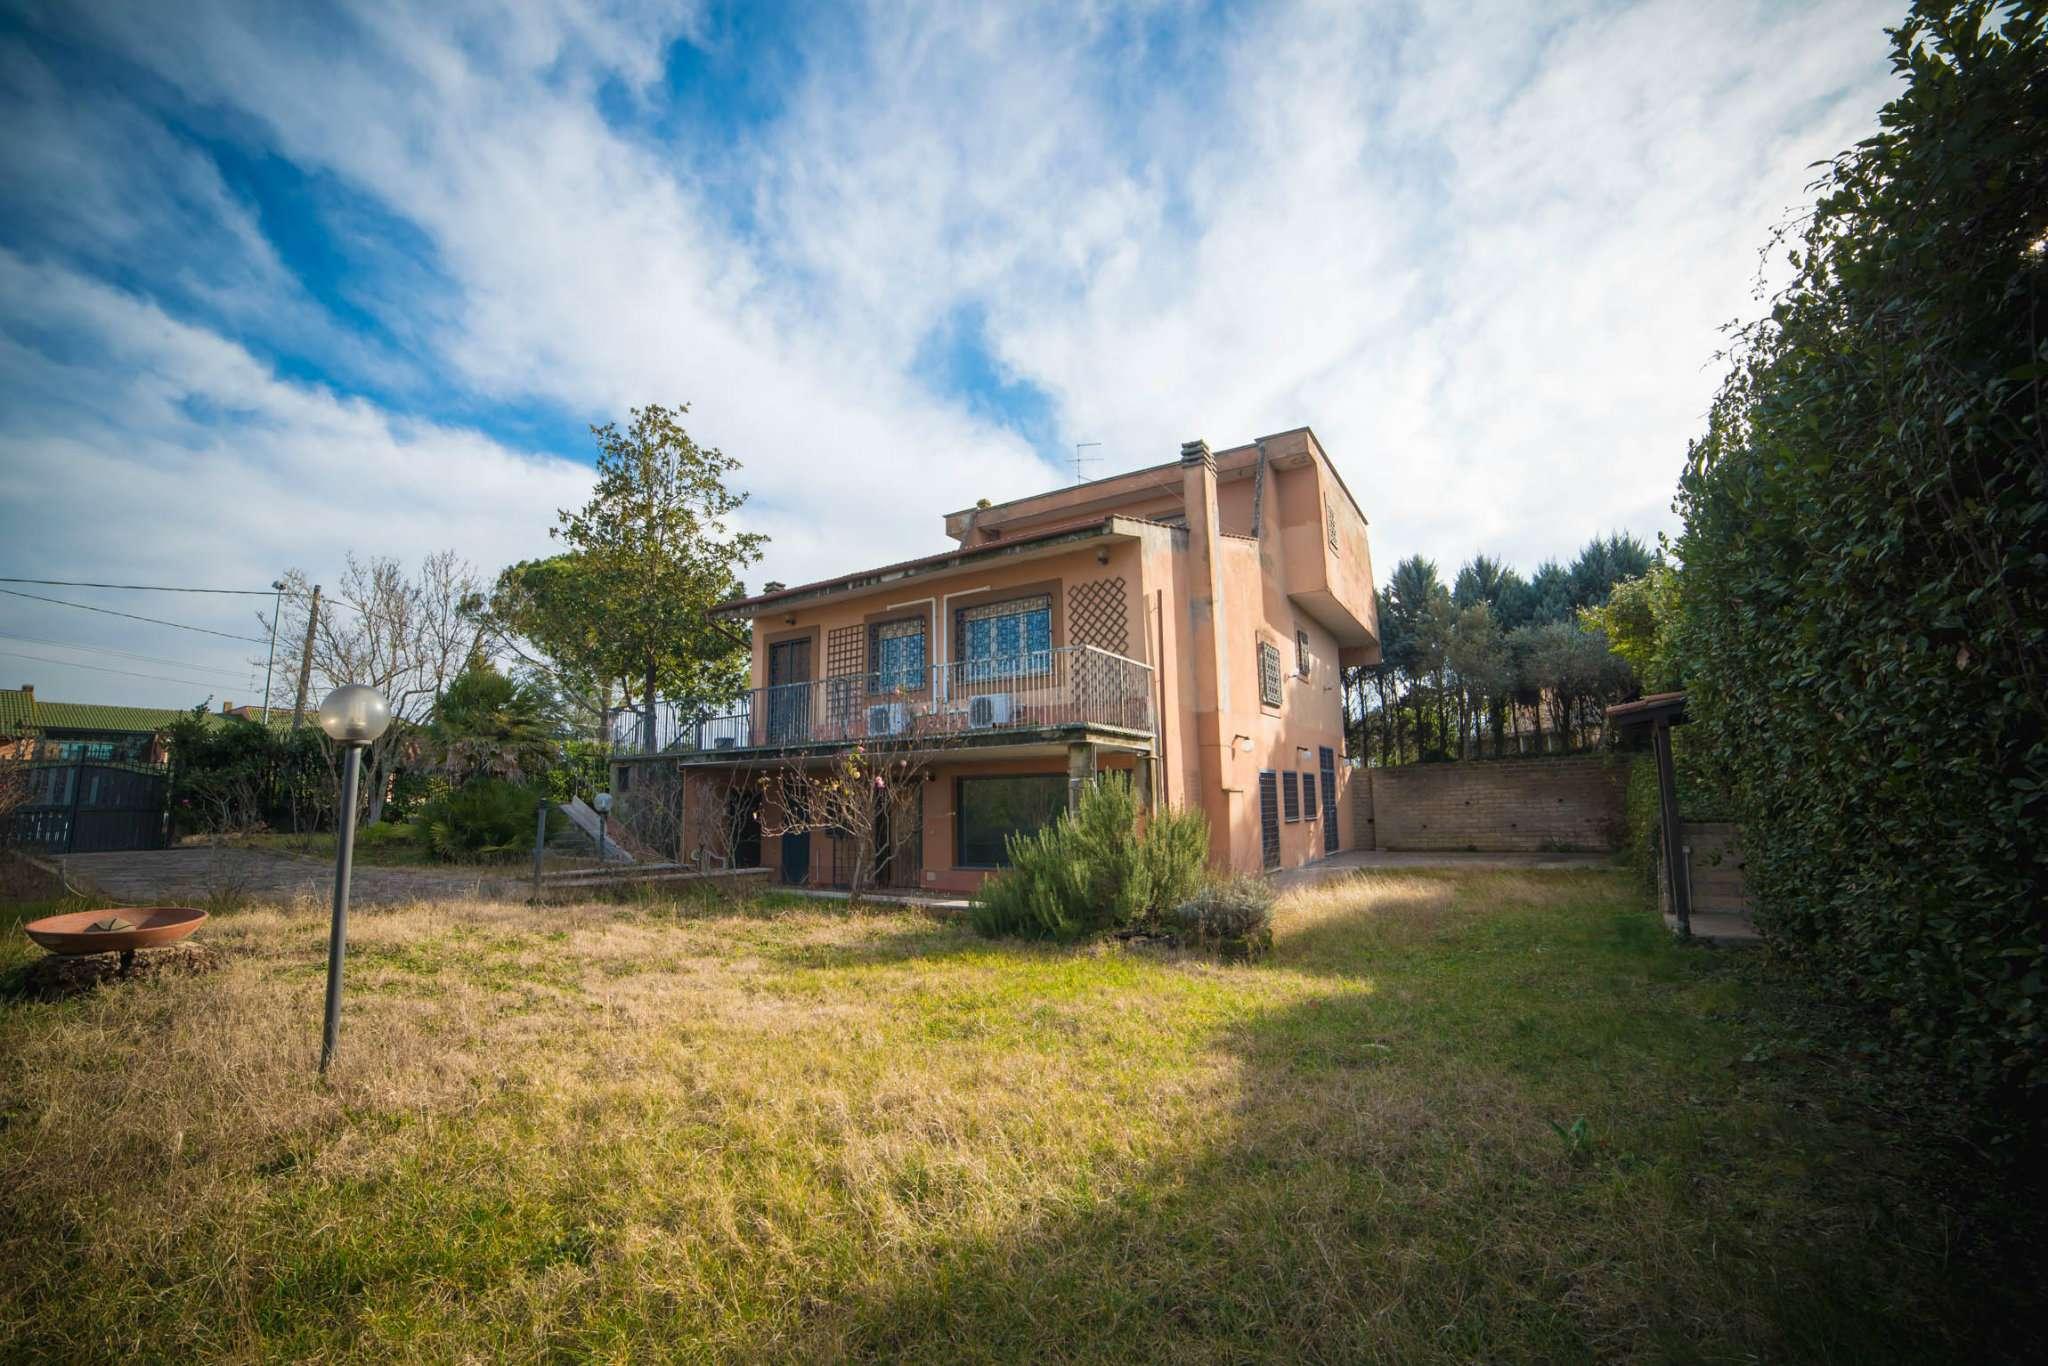 Villa in vendita a Castelnuovo di Porto, 10 locali, prezzo € 325.000 | CambioCasa.it